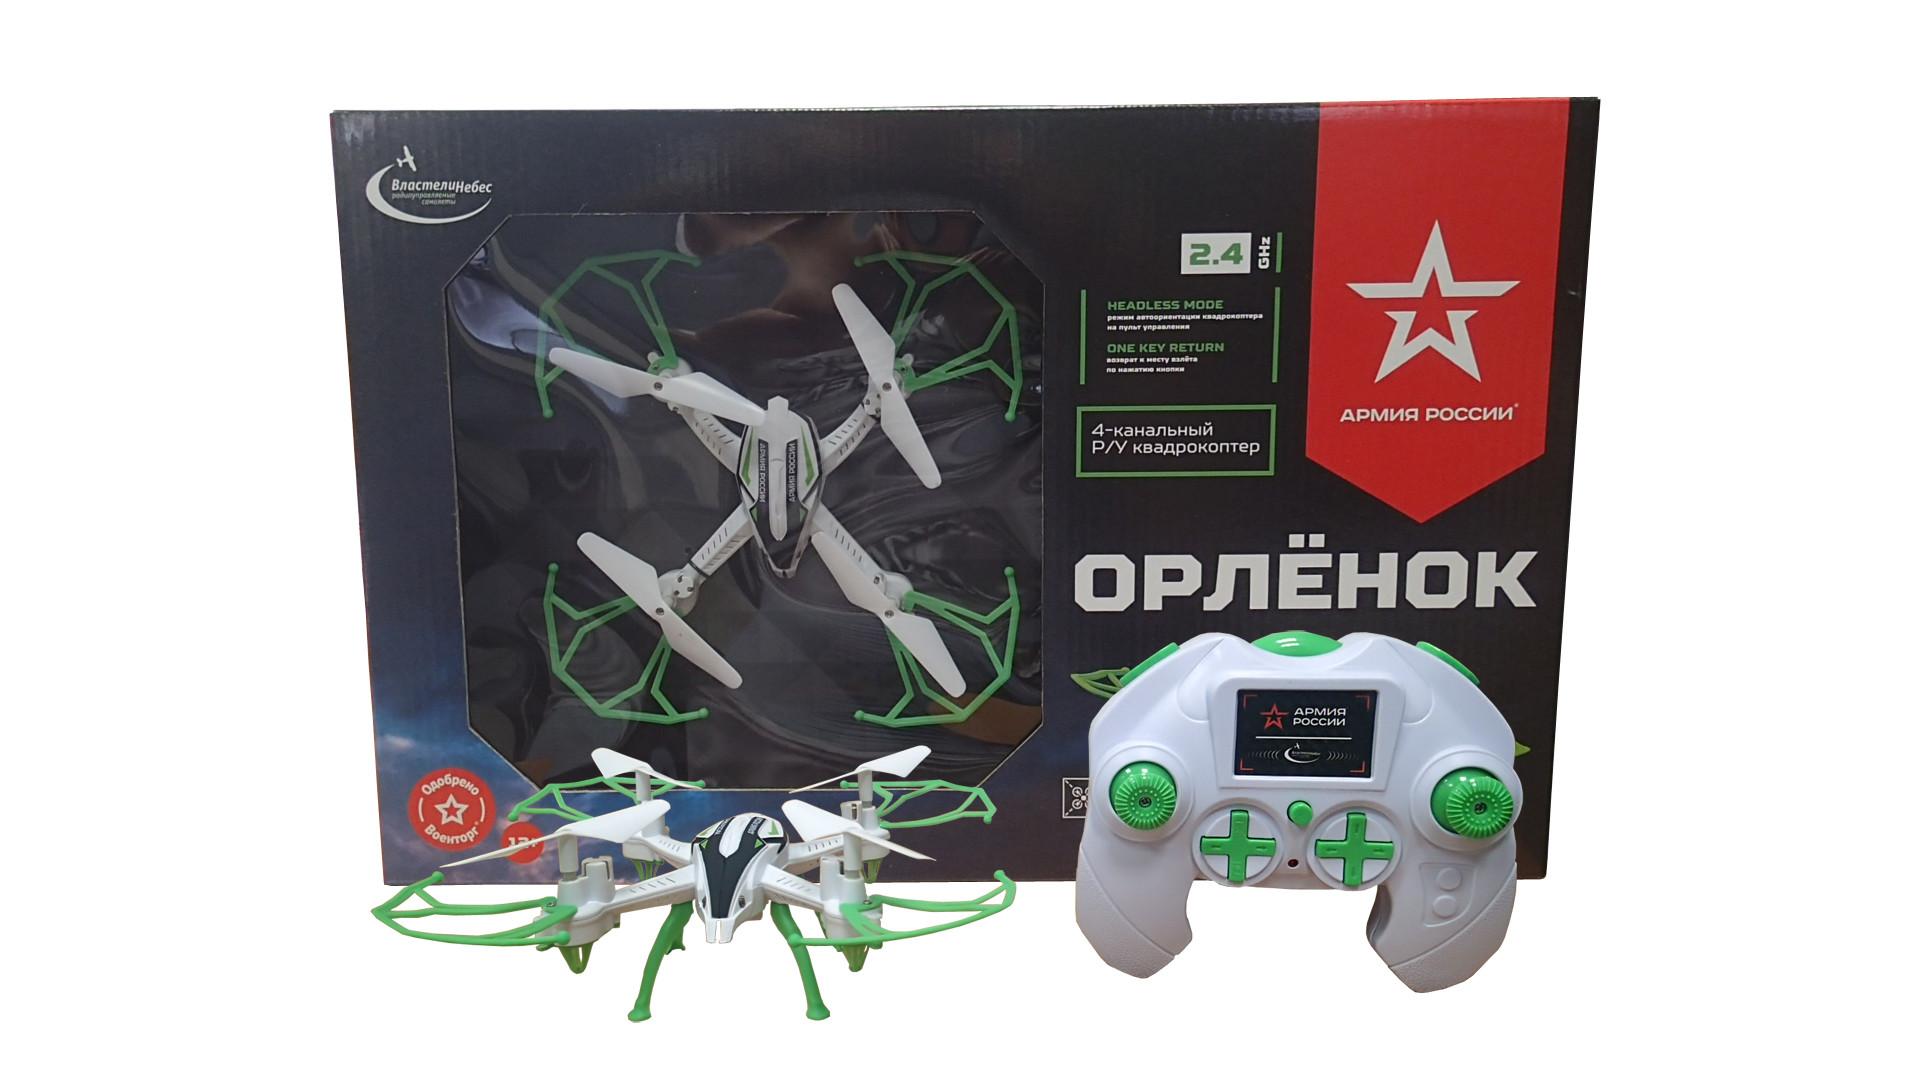 Самолеты и вертолеты Властелин небес Орленок ВН3452 вертолеты и самолеты spl квадрокоптер радиоуправляемый x5